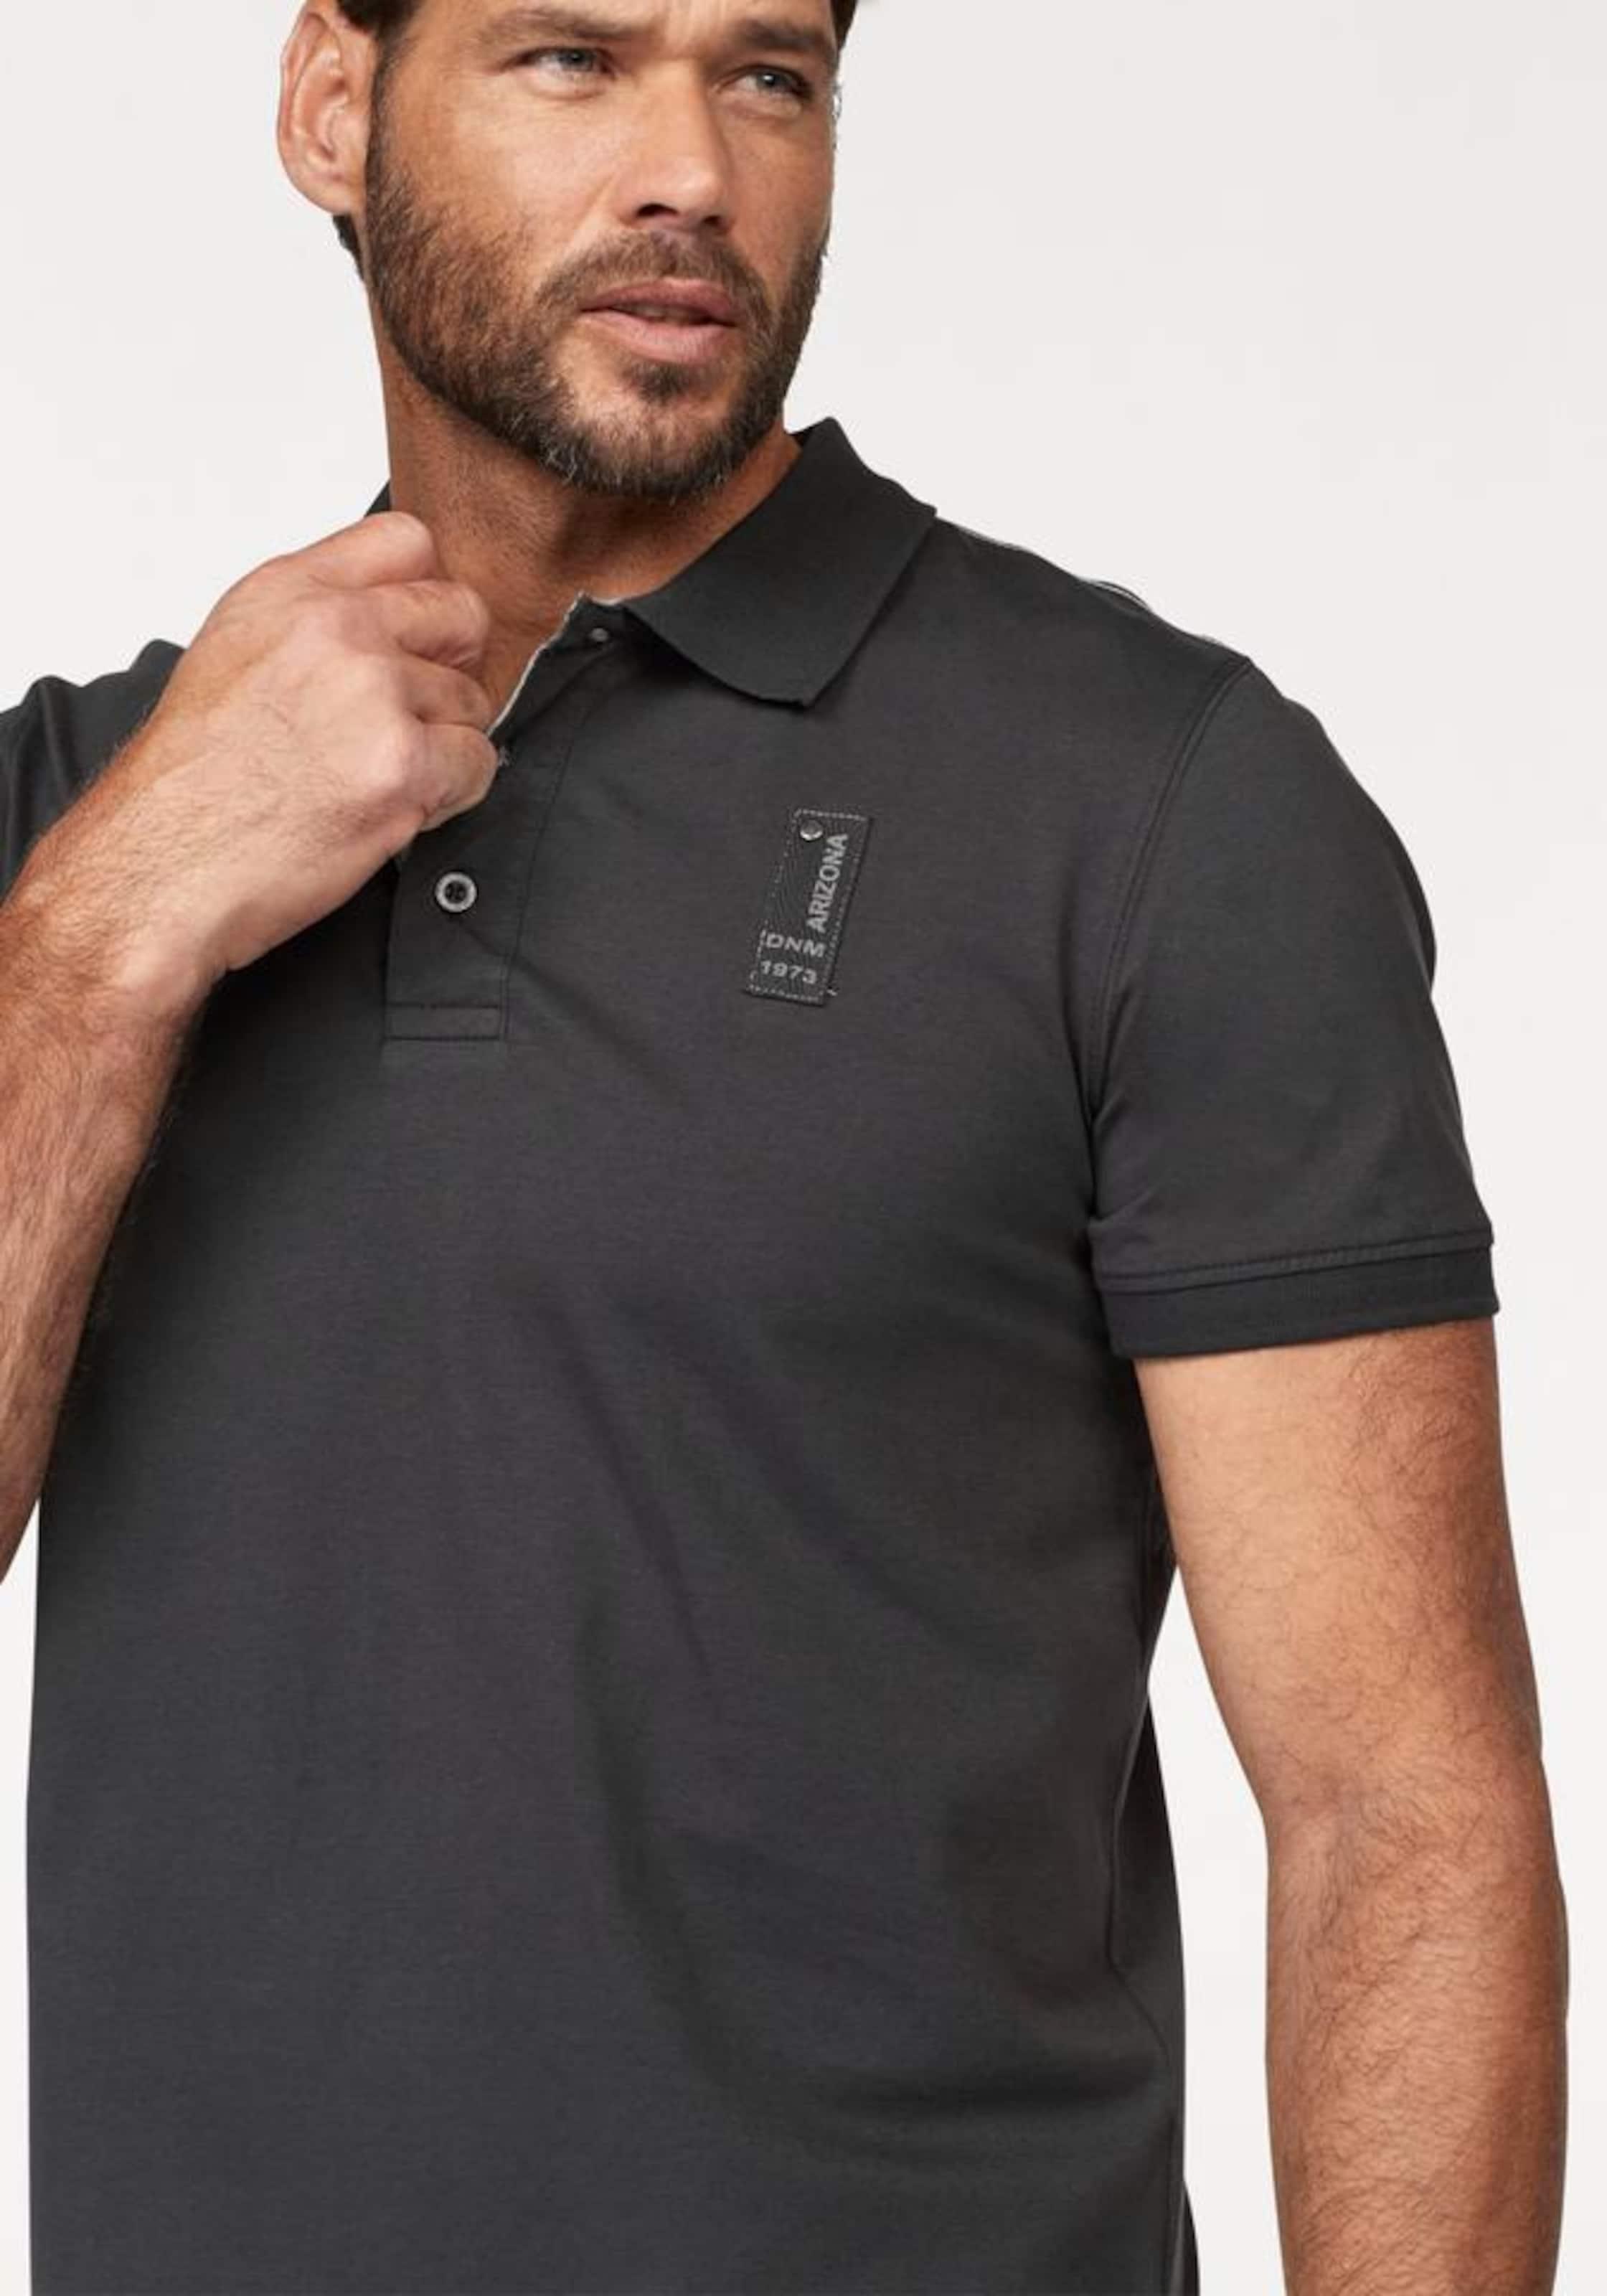 ARIZONA Poloshirt Schnell Express Fachlich Online Kaufen Auslass Offizielle Seite Ebay Verkauf Online FyNEE6